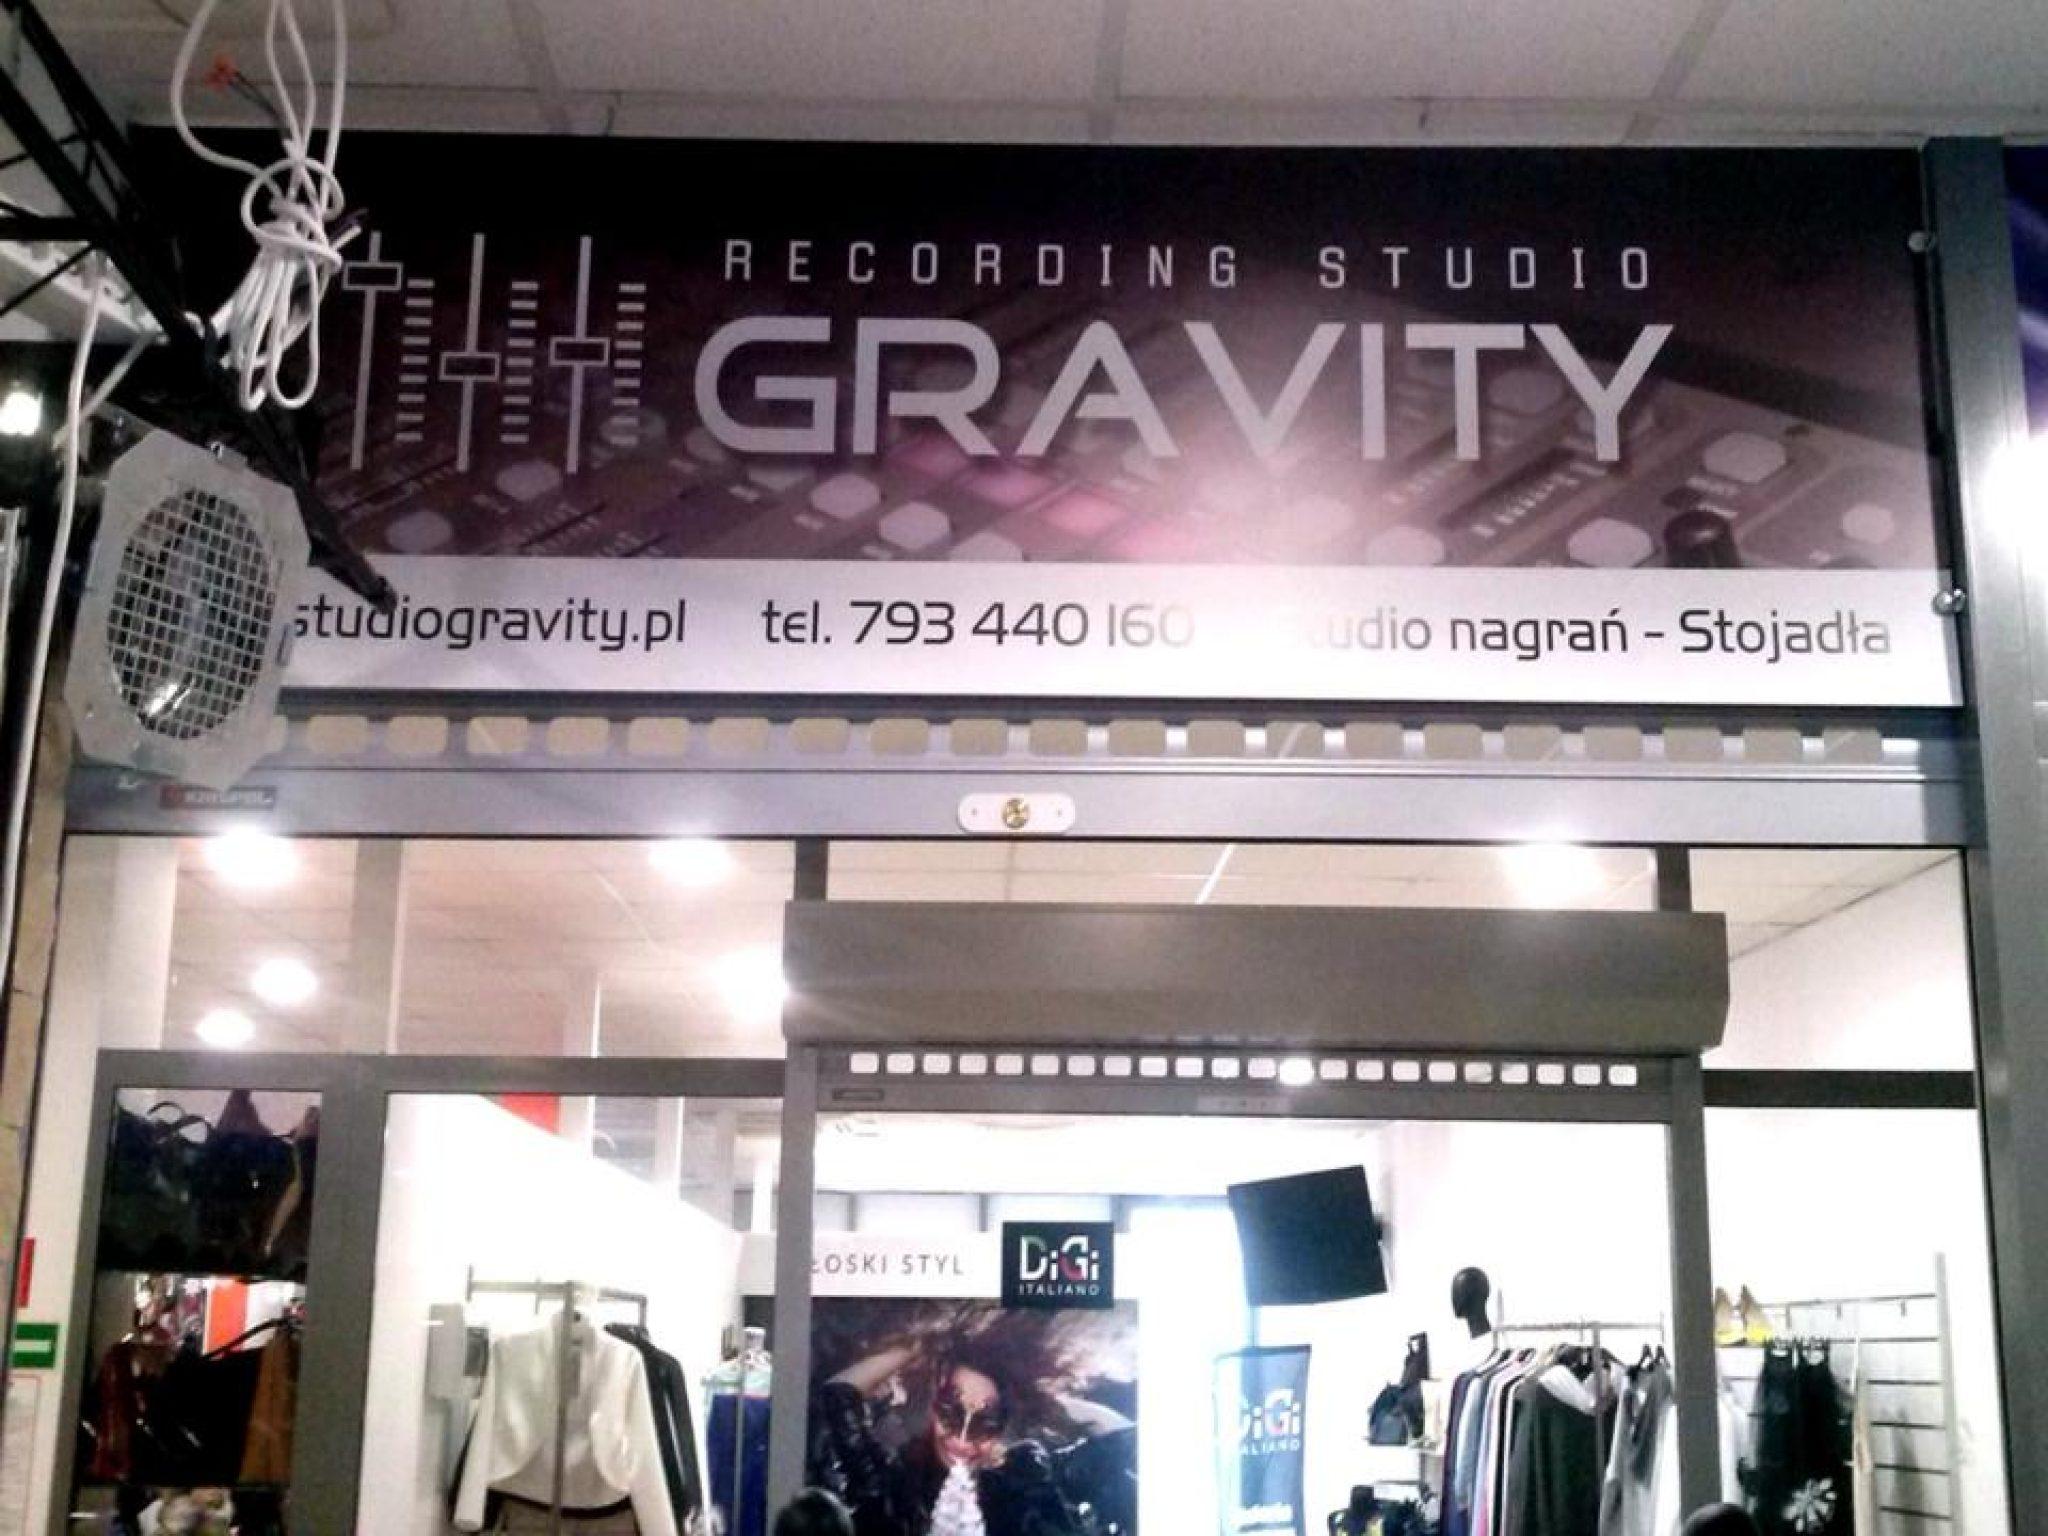 Galeria szyldy reklamowe